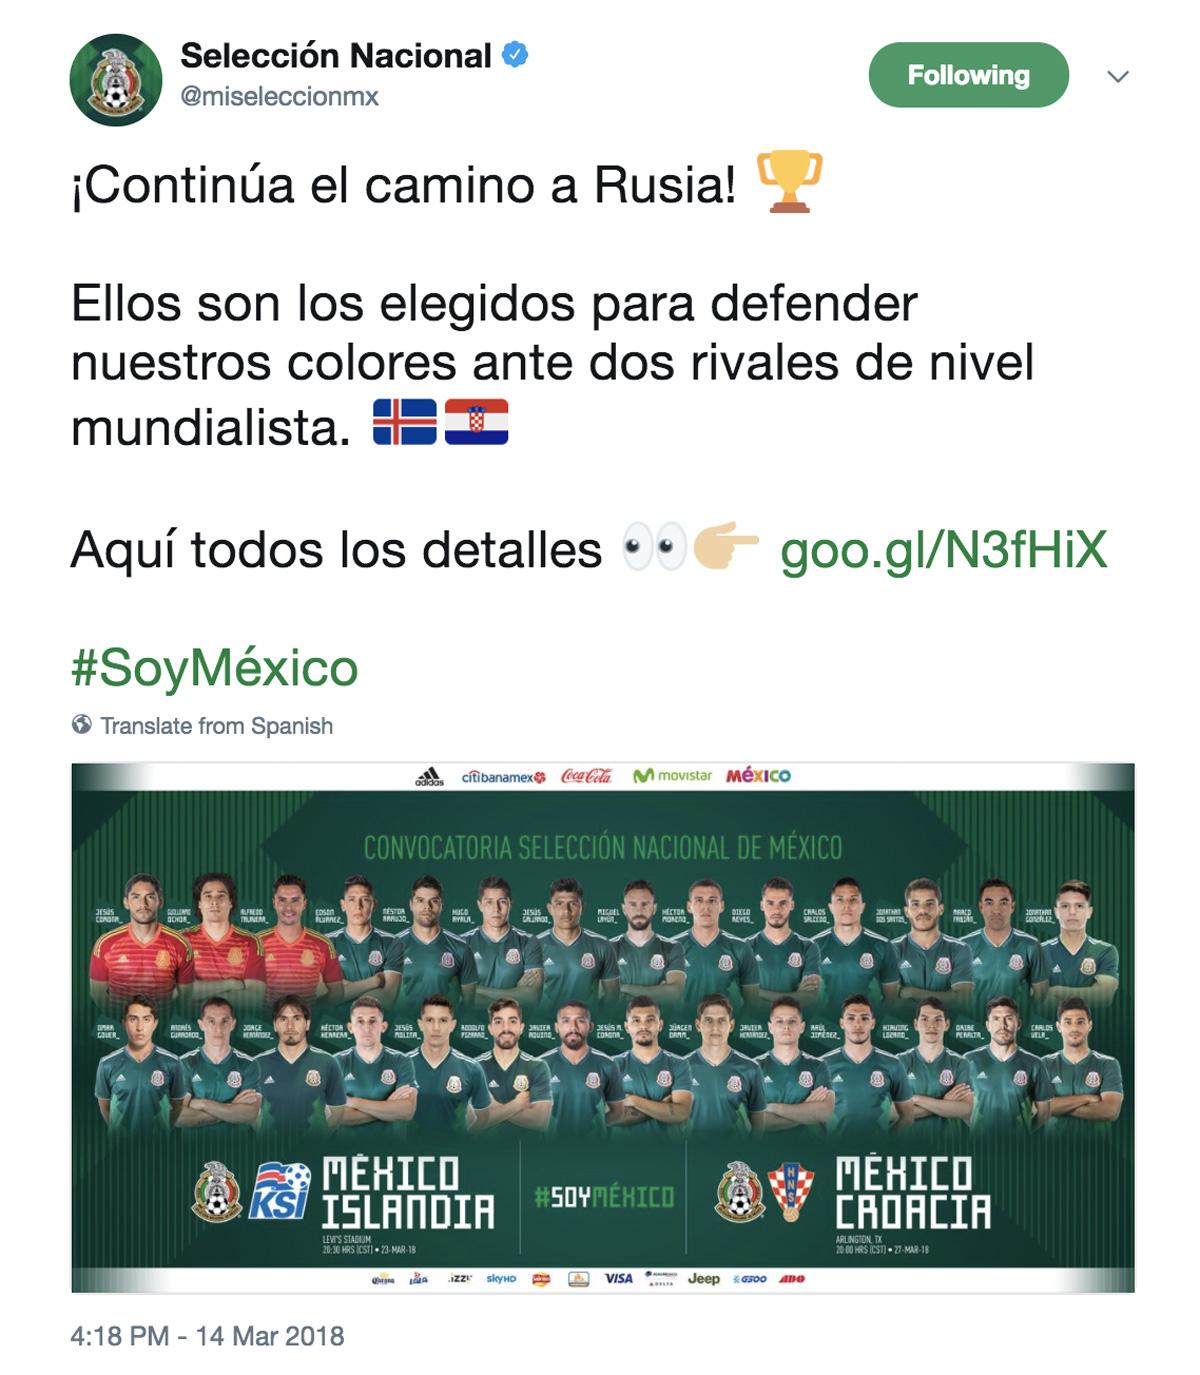 Convocatoria de la Selección Nacional Mexicana para los partidos contra Islandia y Croacia